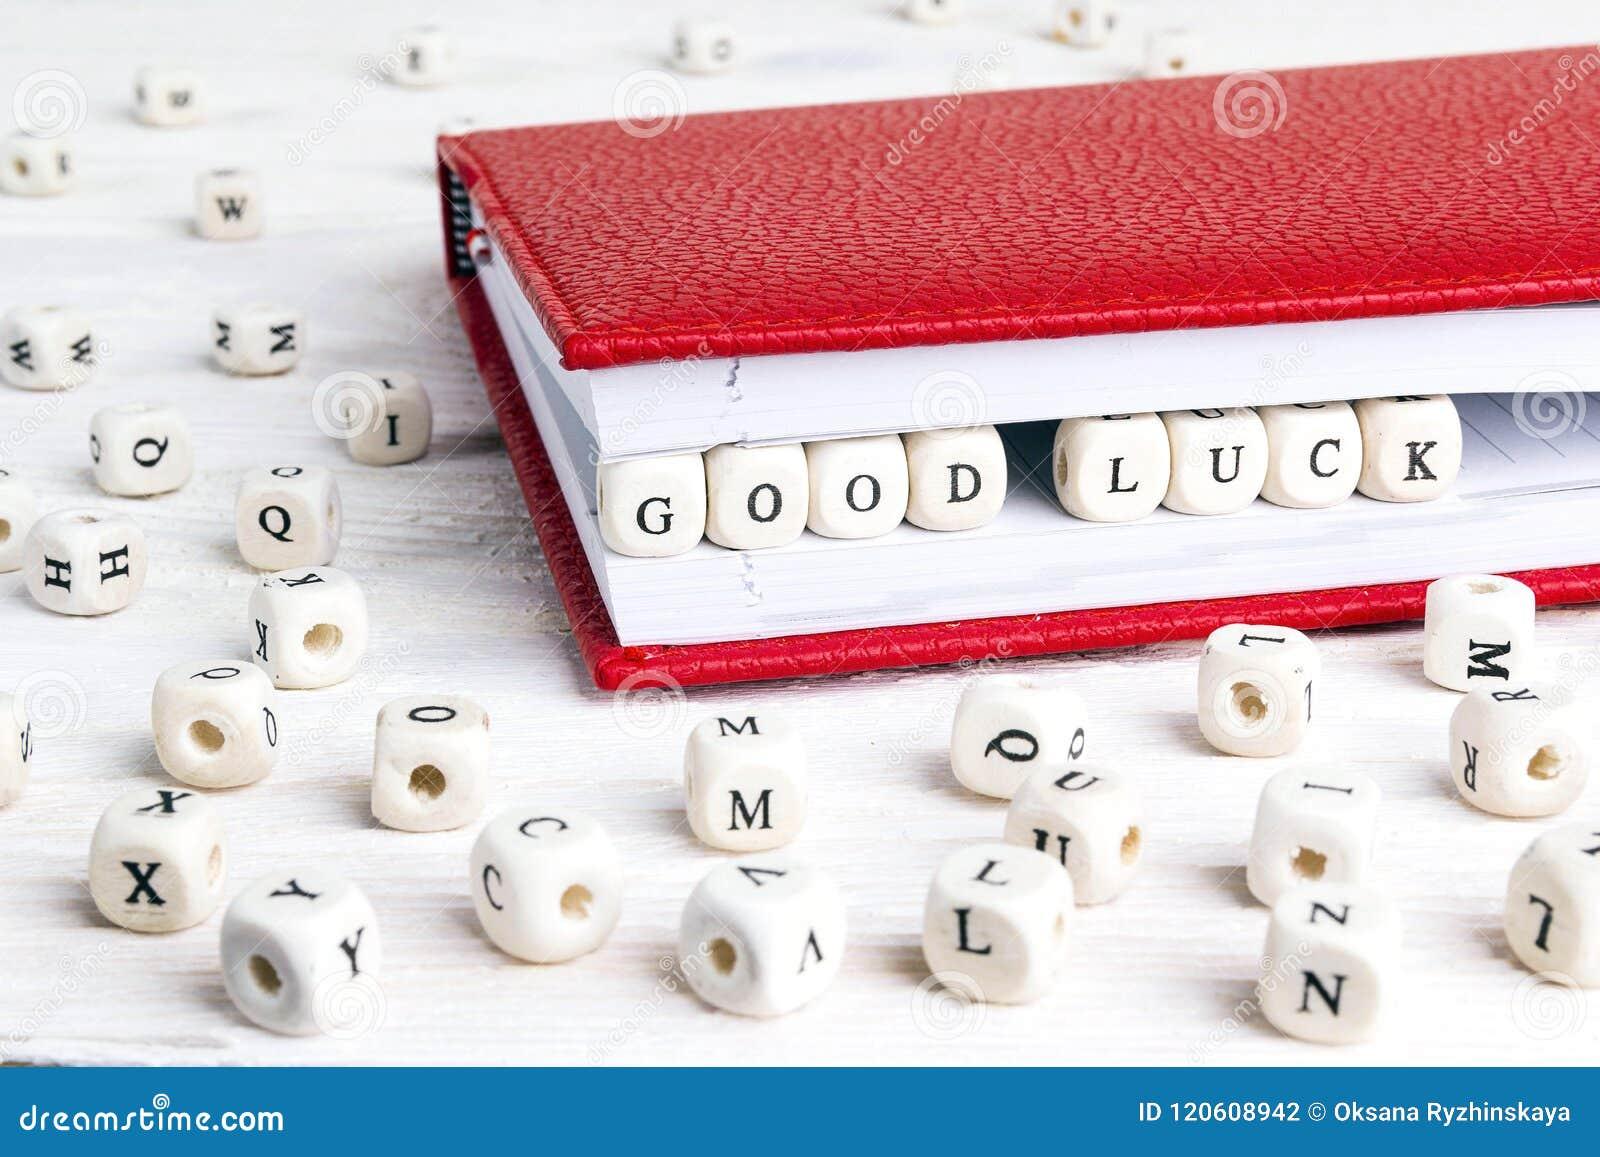 Esprima la fortuna di Cood scritta in blocchi di legno in taccuino rosso sul whi